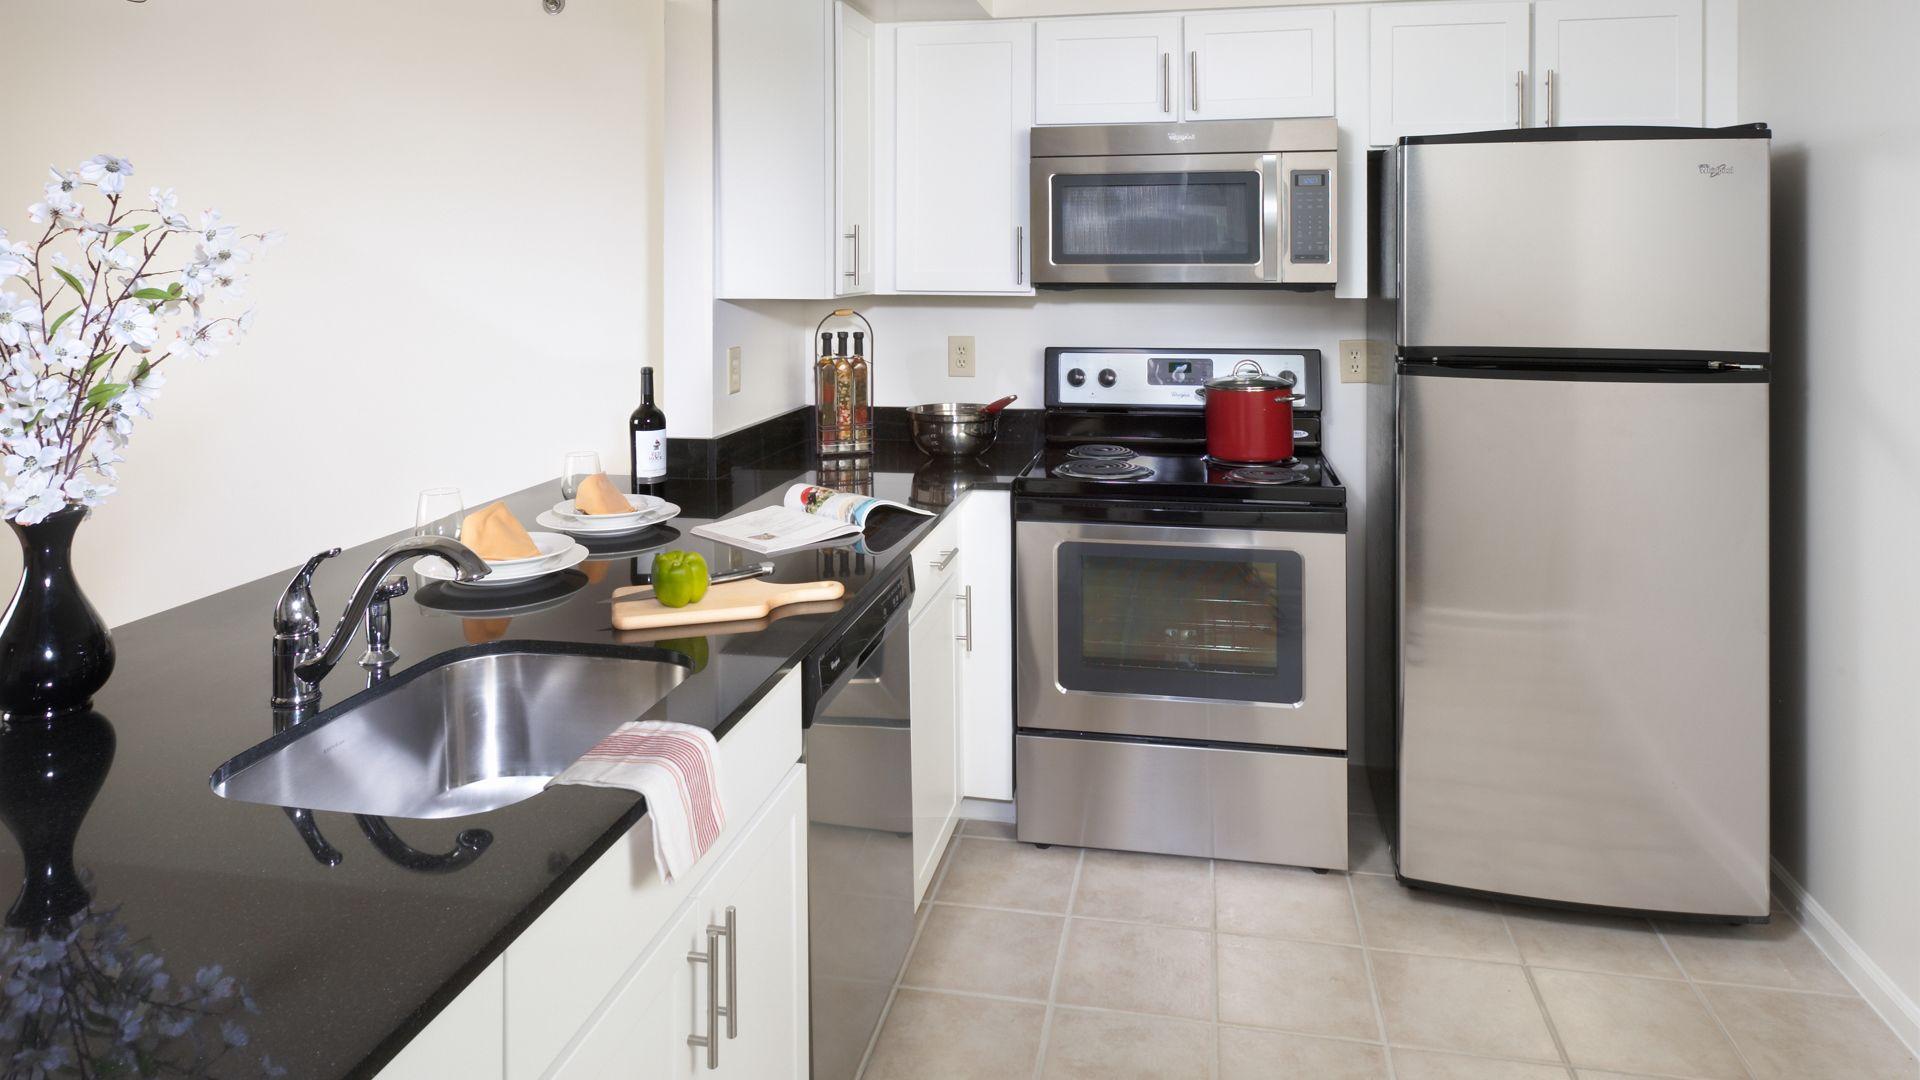 Courthouse Plaza Apartments - Kitchen